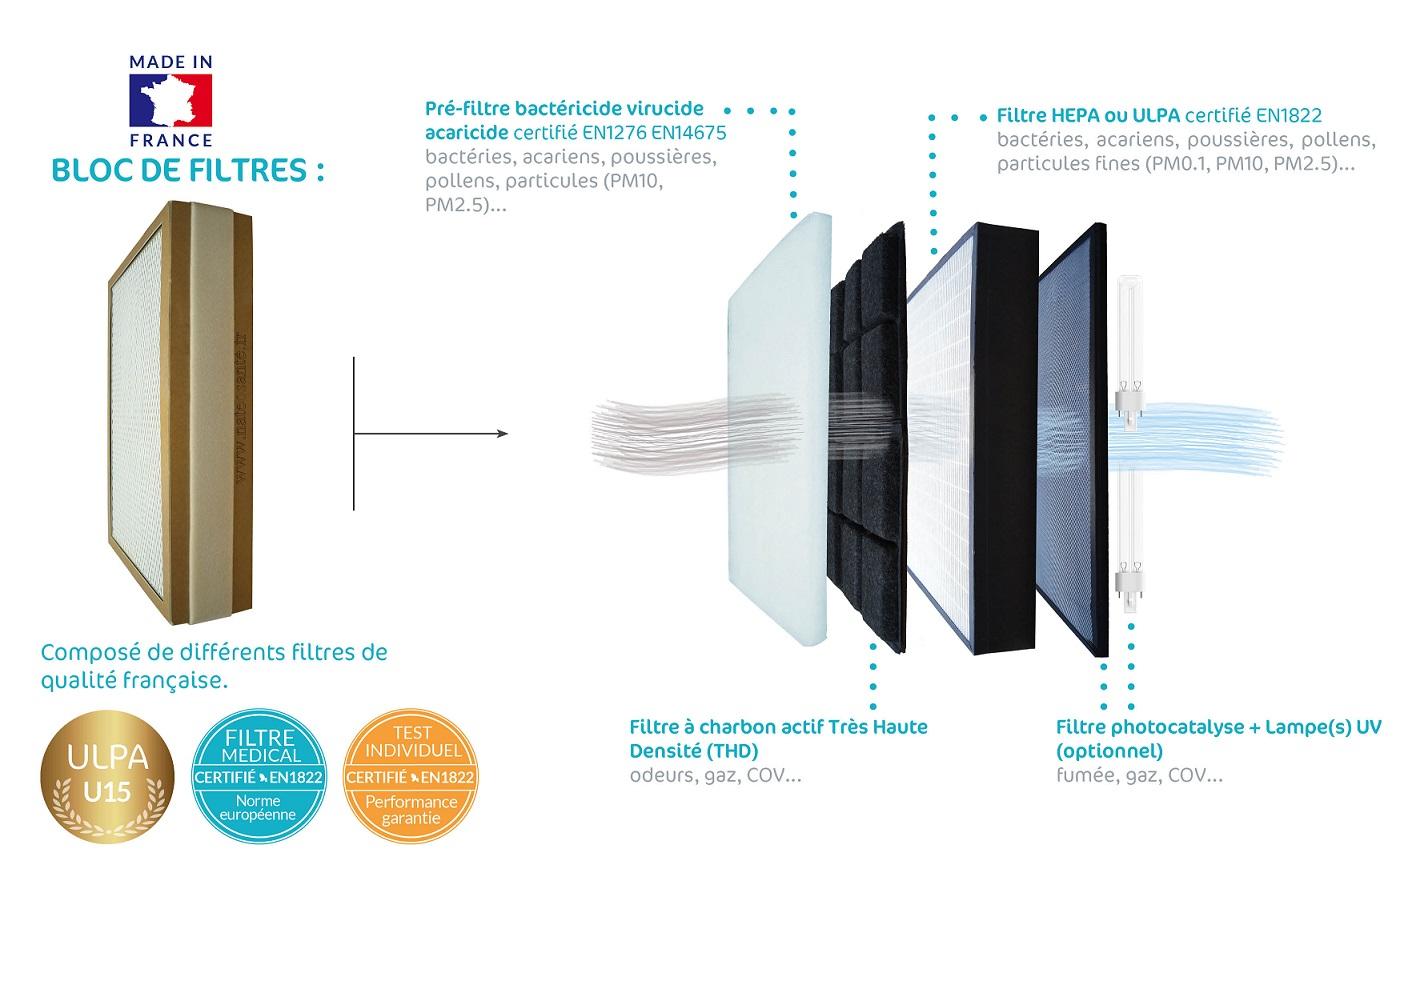 Purificateur d'air intérieur composé filtre